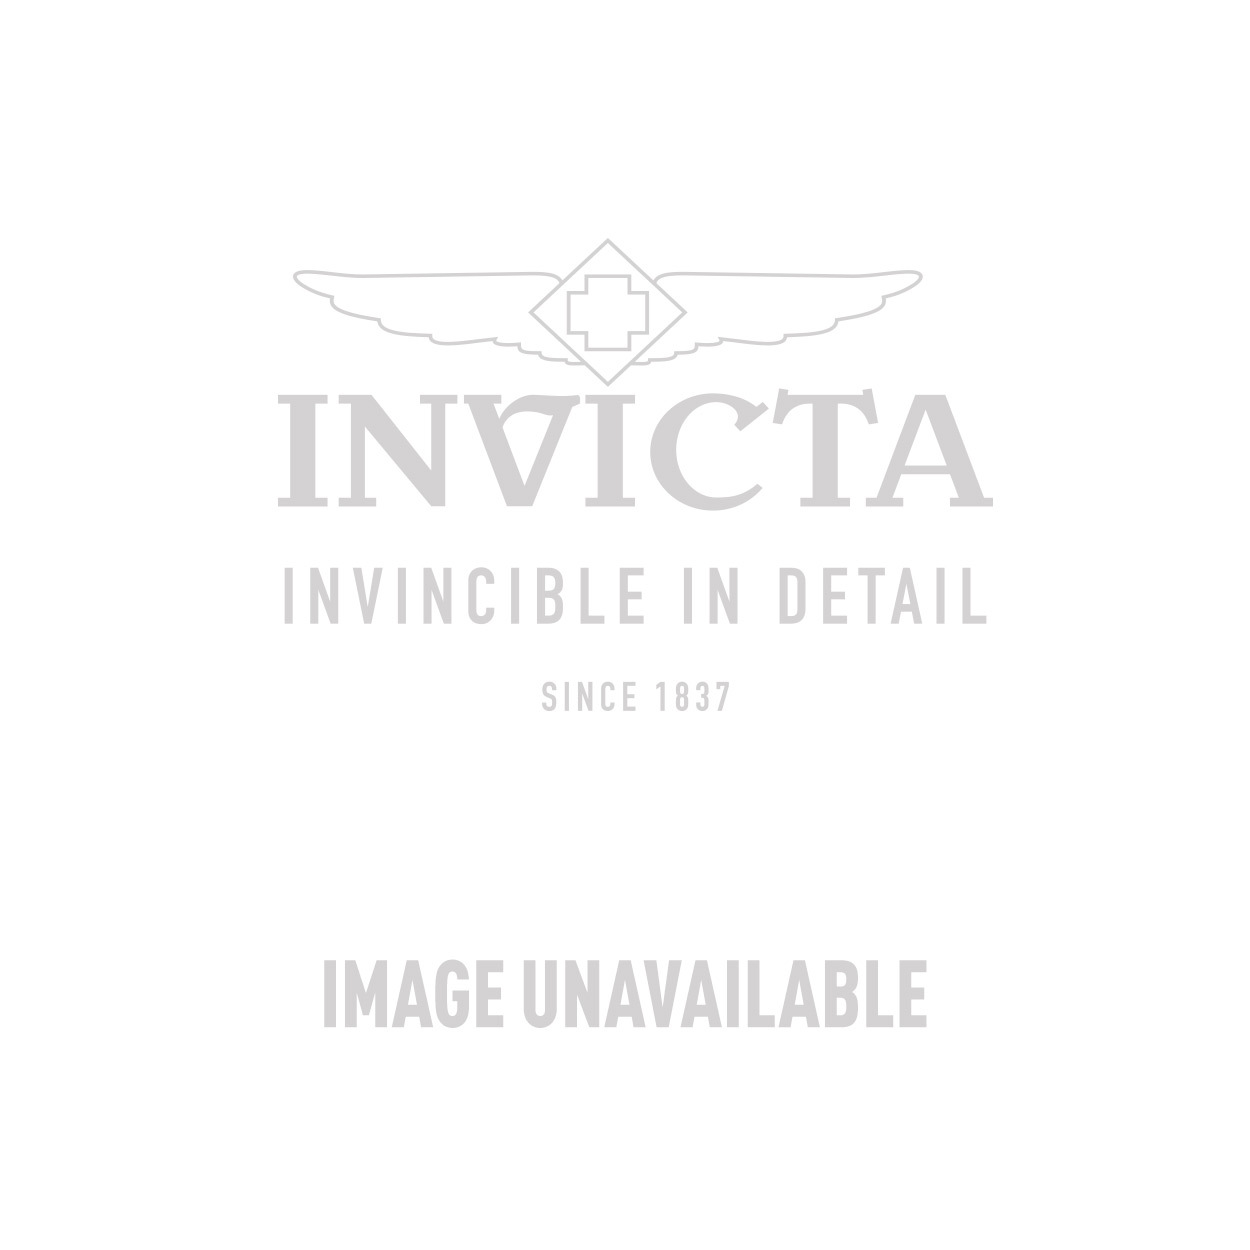 Invicta Model 28970